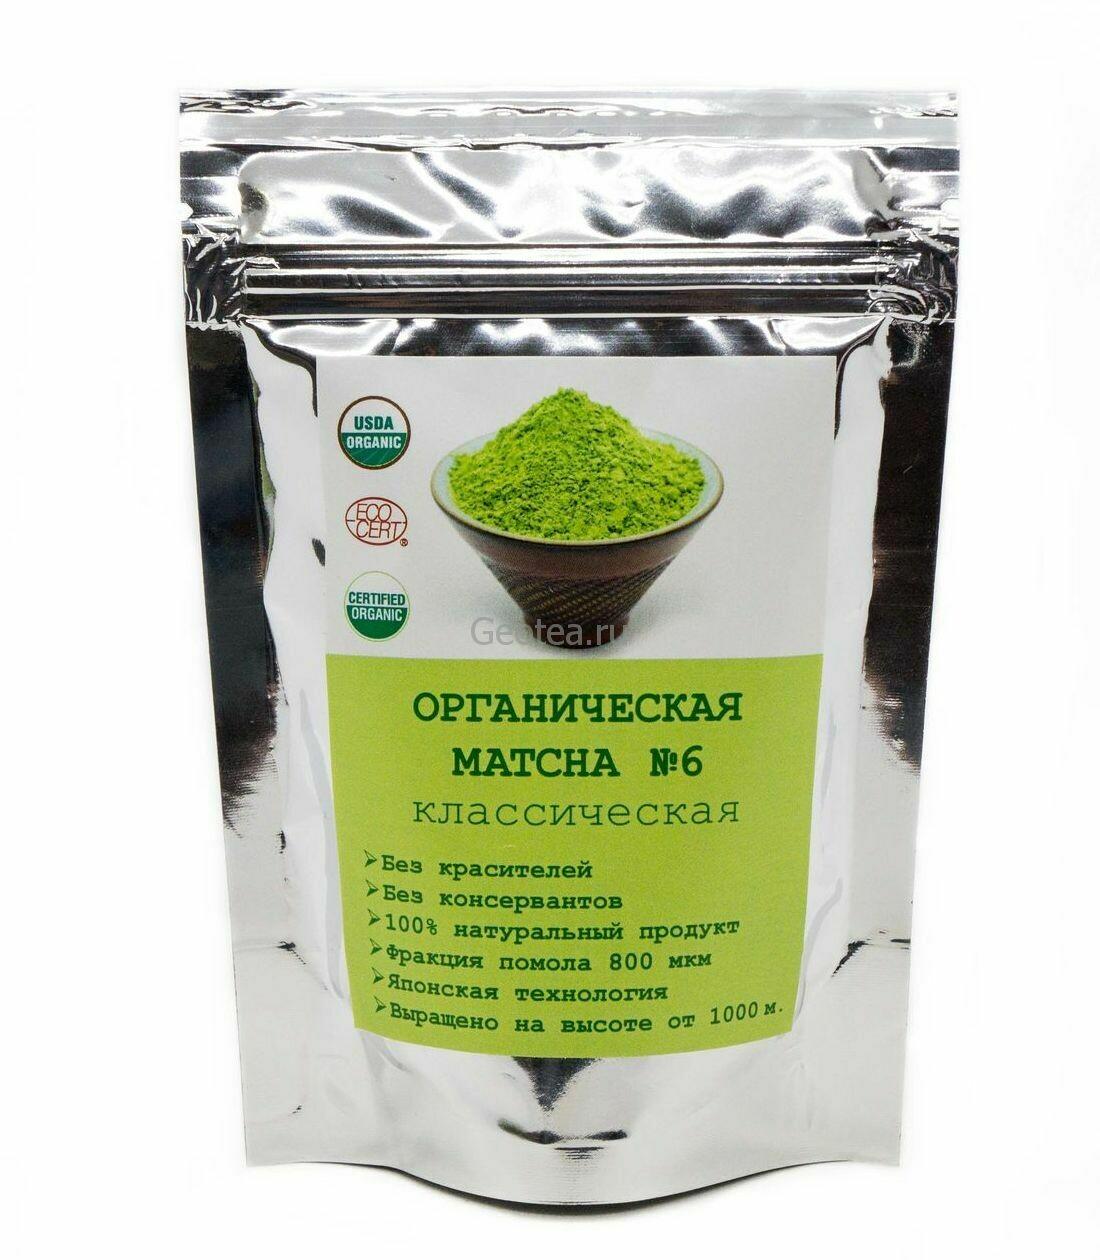 Матча #6 - Порошковый зеленый чай, фасовка 50 гр.